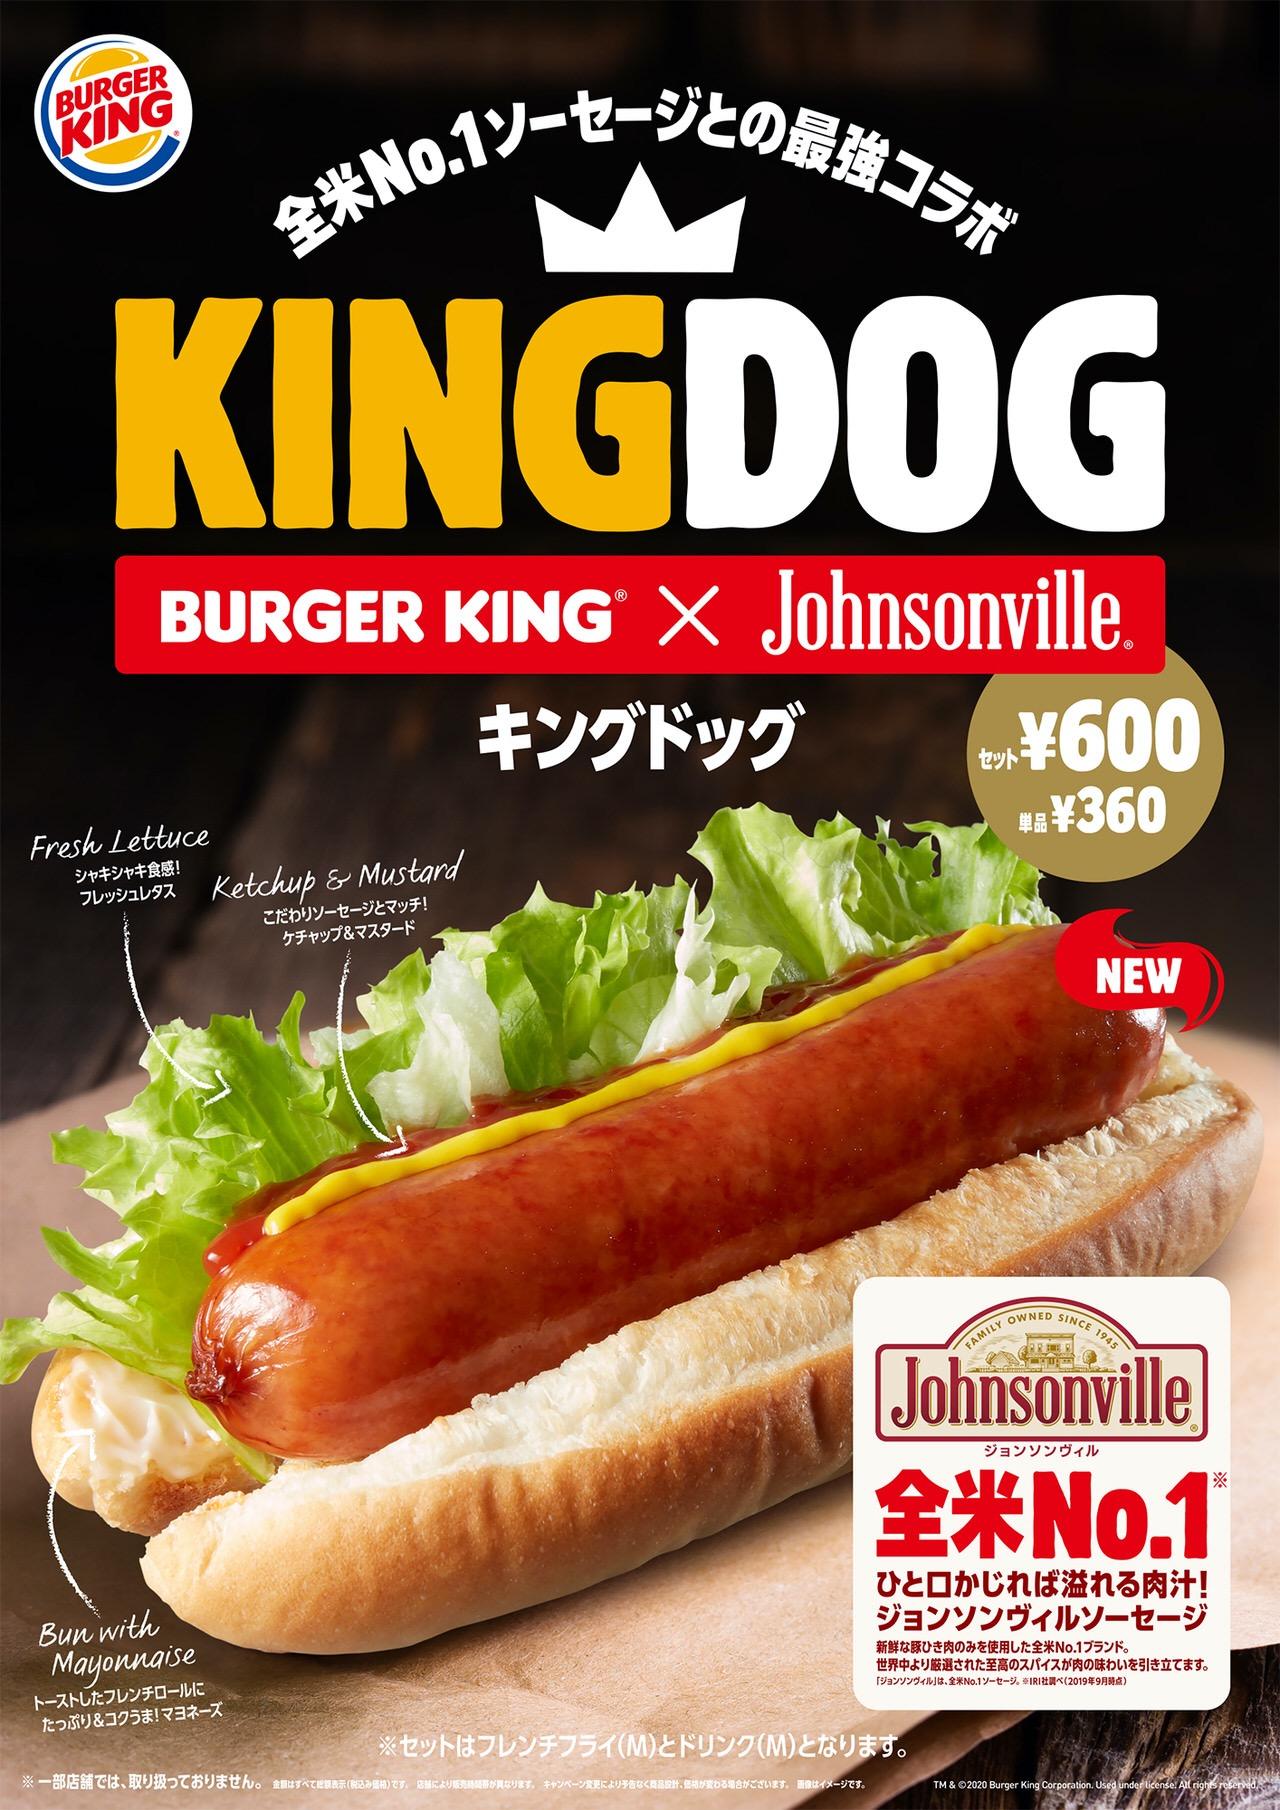 【バーガーキング】全米No.1ソーセージ「ジョンソンヴィル」とコラボした最強ホットドッグ「キングドッグ」発売開始